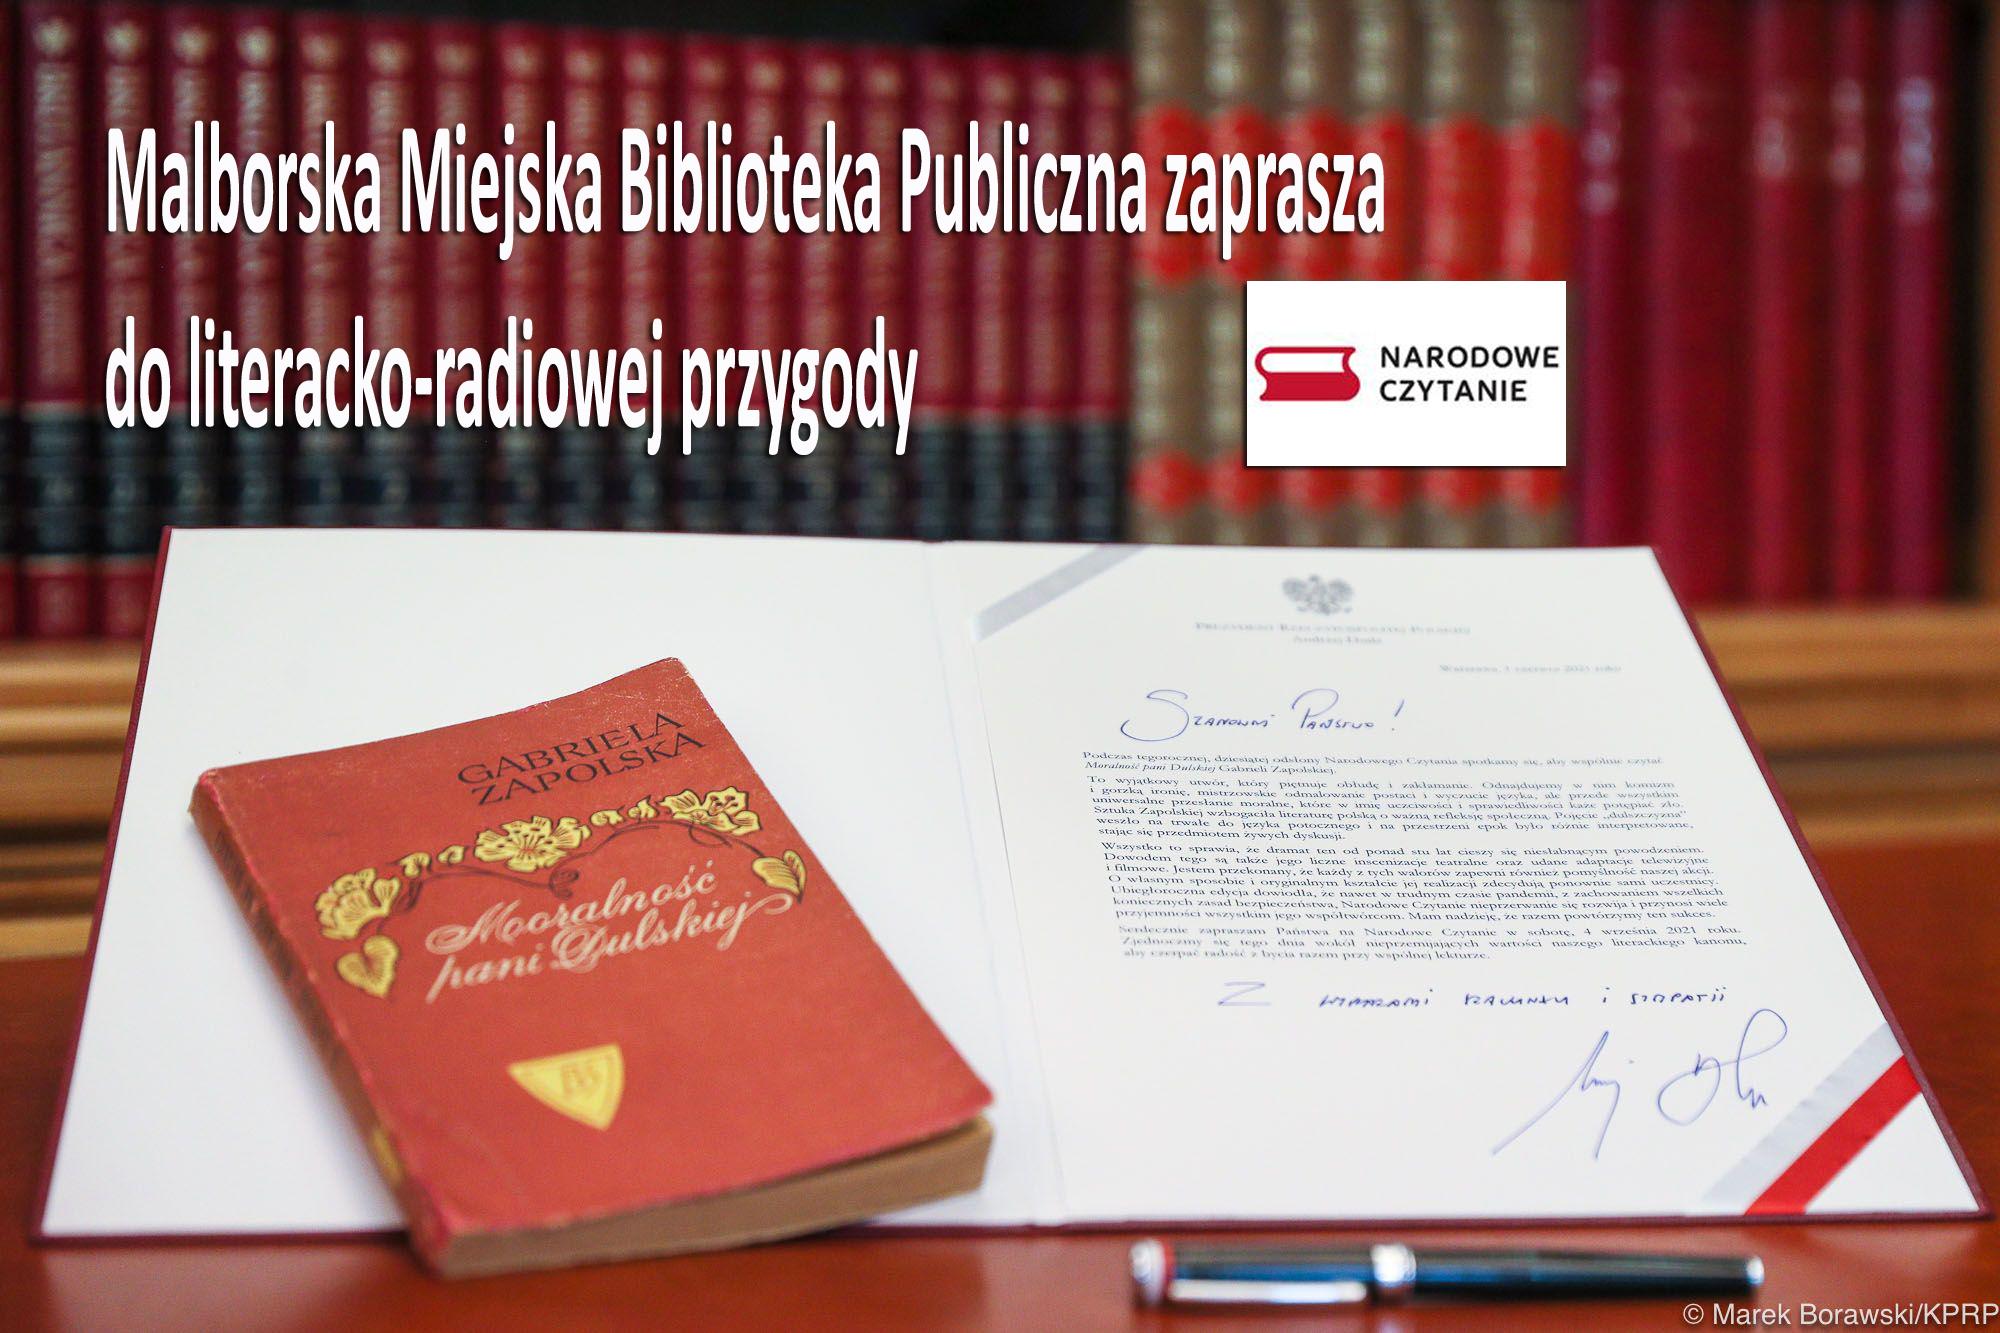 Malborska Miejska Biblioteka Publiczna zaprasza do literacko-radiowej przygody